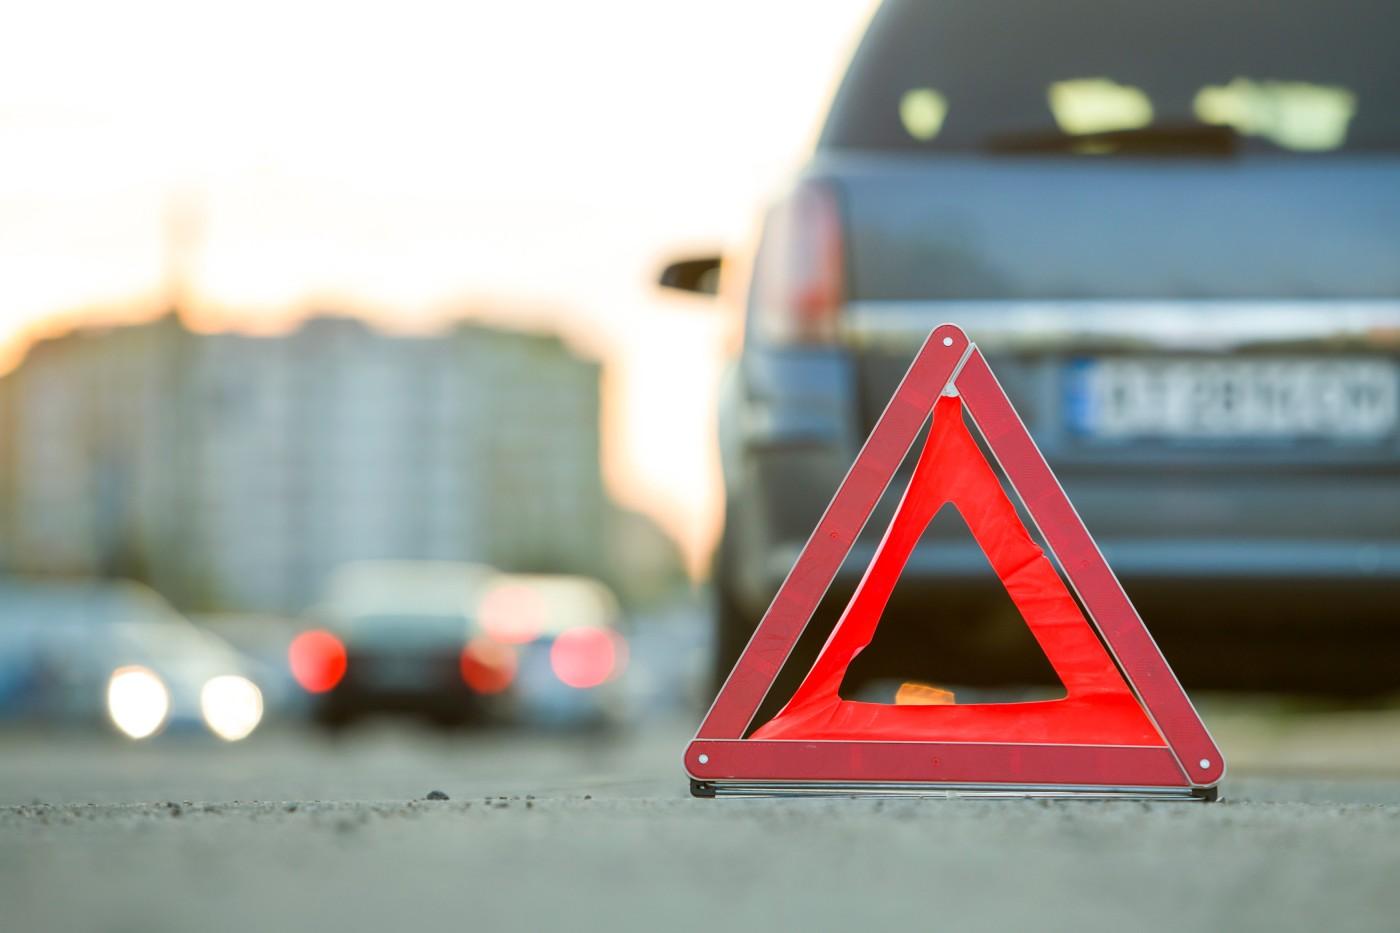 Wezwanie pomocy drogowej to jeszcze nie wszystko - należy zadbać także o umieszczeniu trójkąta odblaskowego oraz światłach awaryjnych!